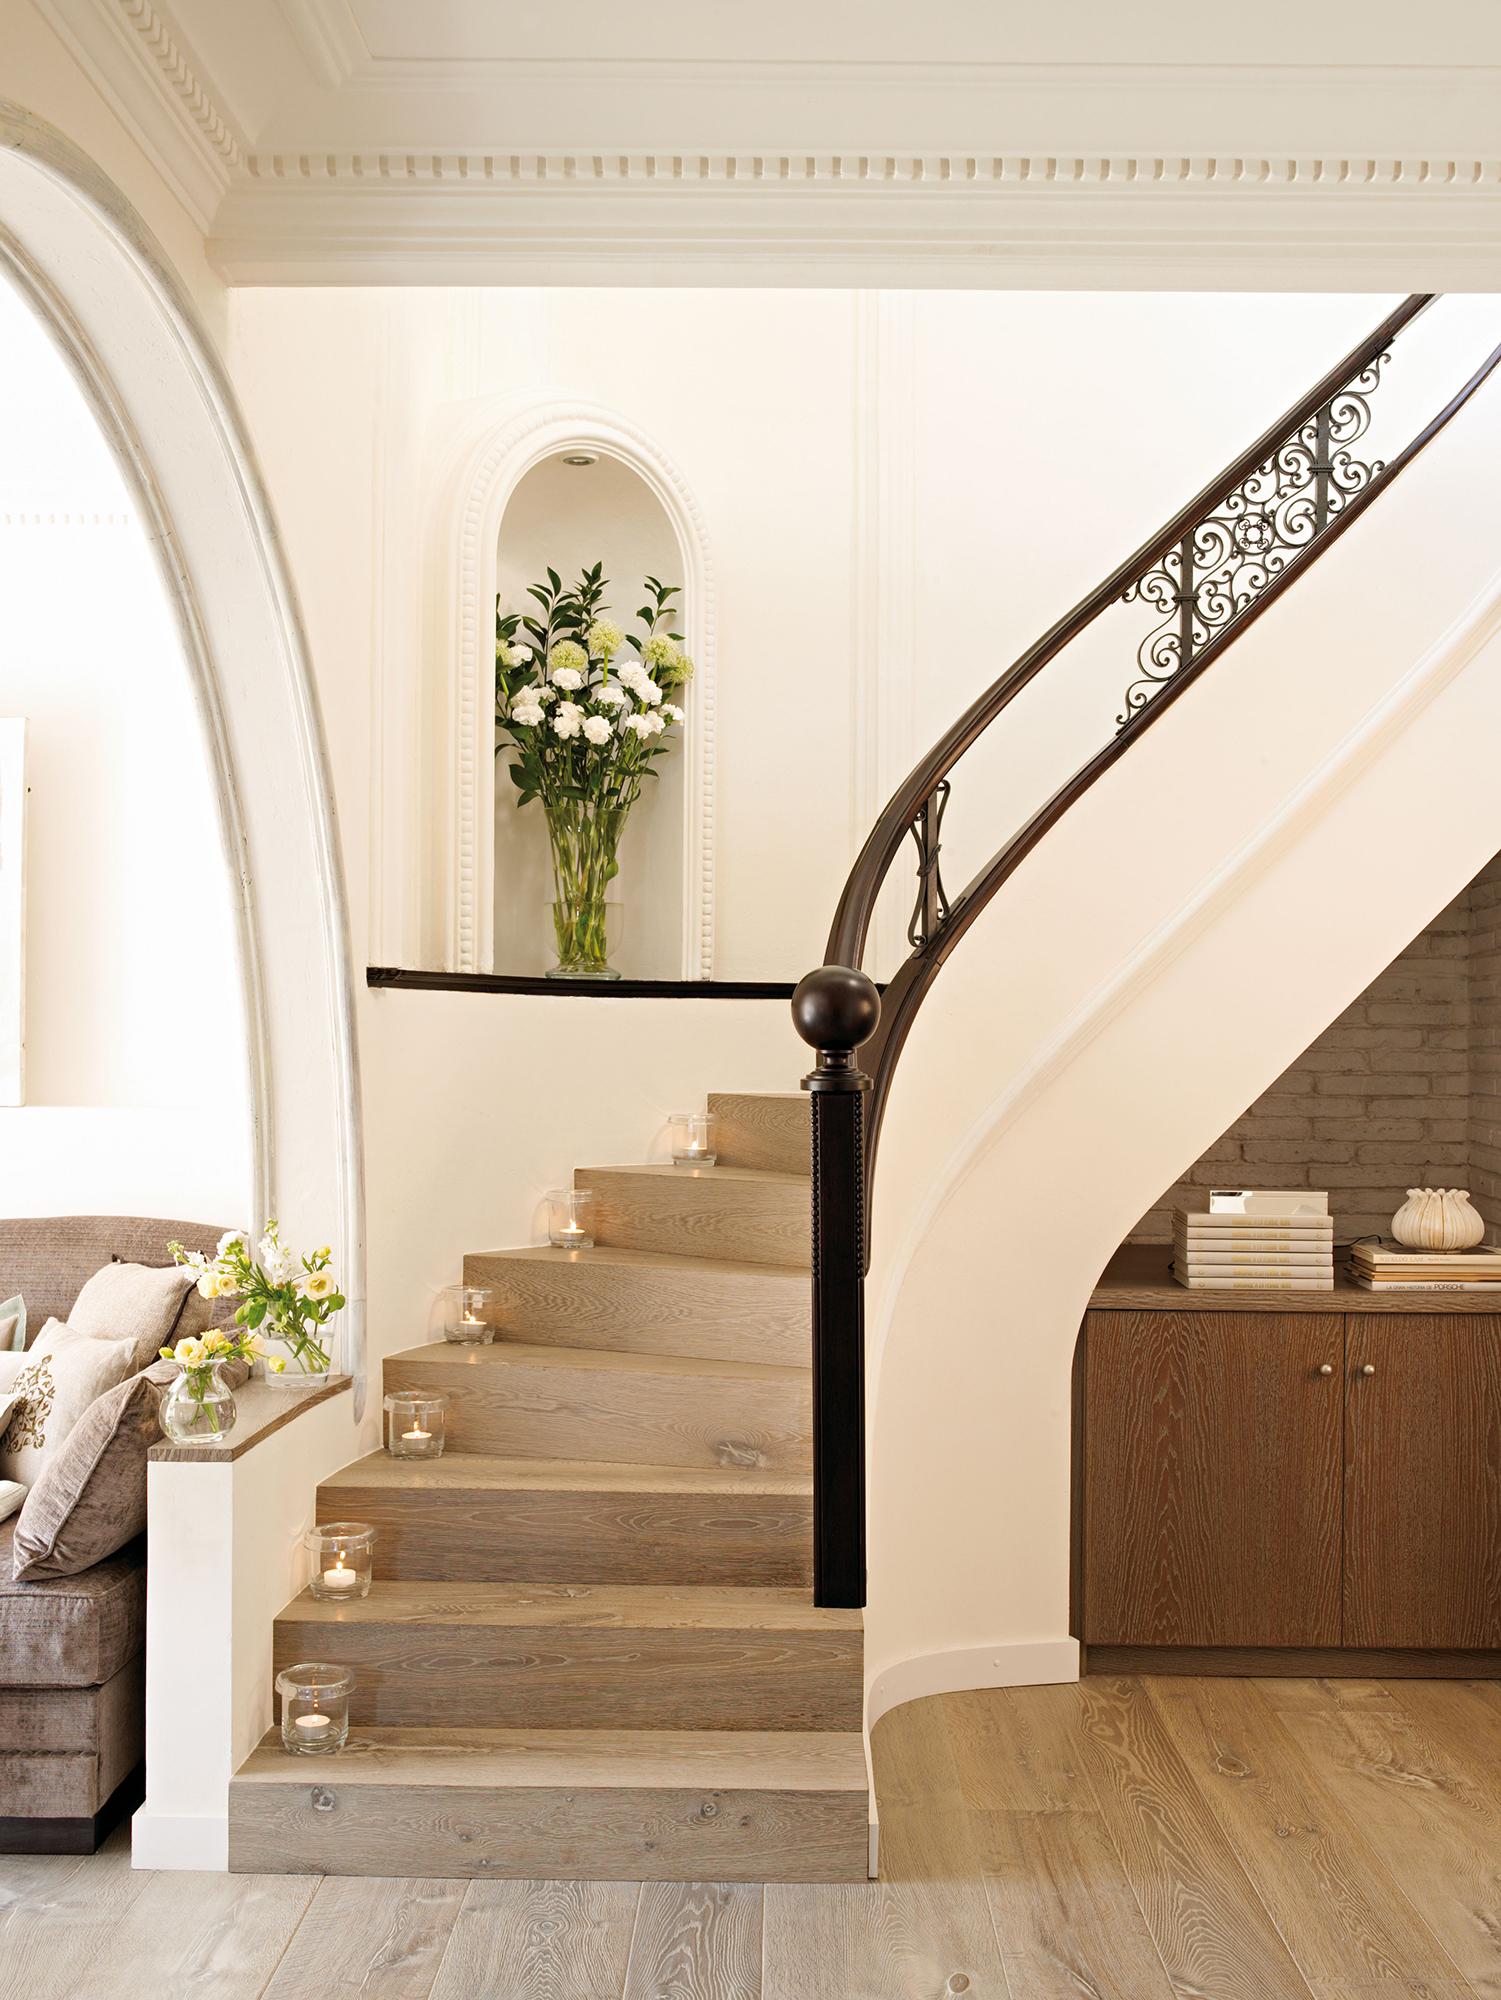 Escaleras c mo planificarlas con acierto for Imagenes escaleras interiores